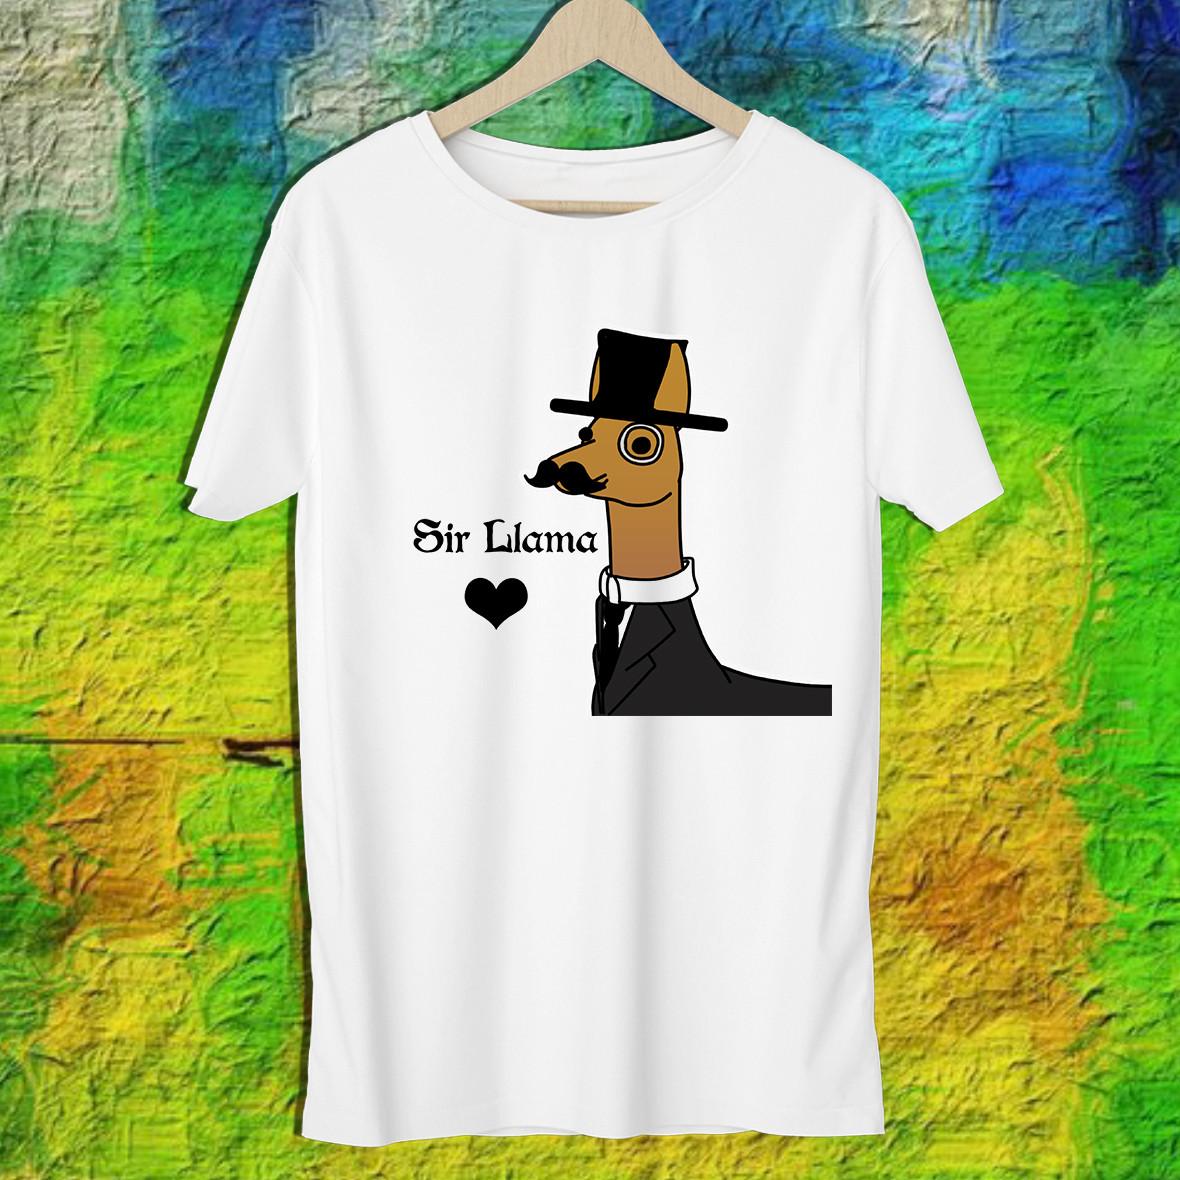 """Мужская футболка с принтом Альпака """"Sir Llama"""" Push IT S, Белый"""